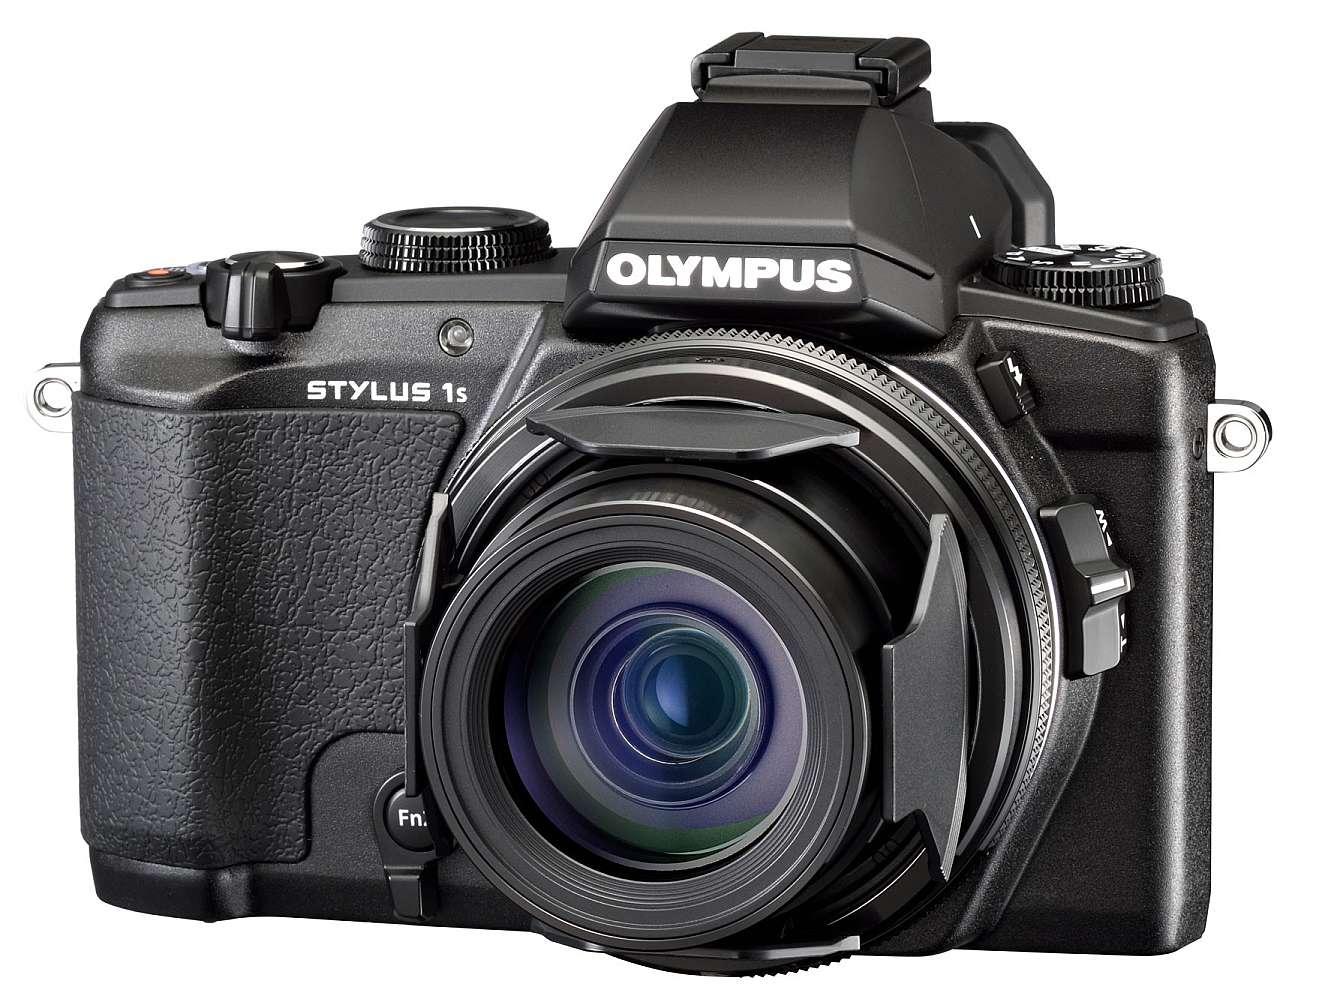 Nya kameran Olympus Stylus 1s